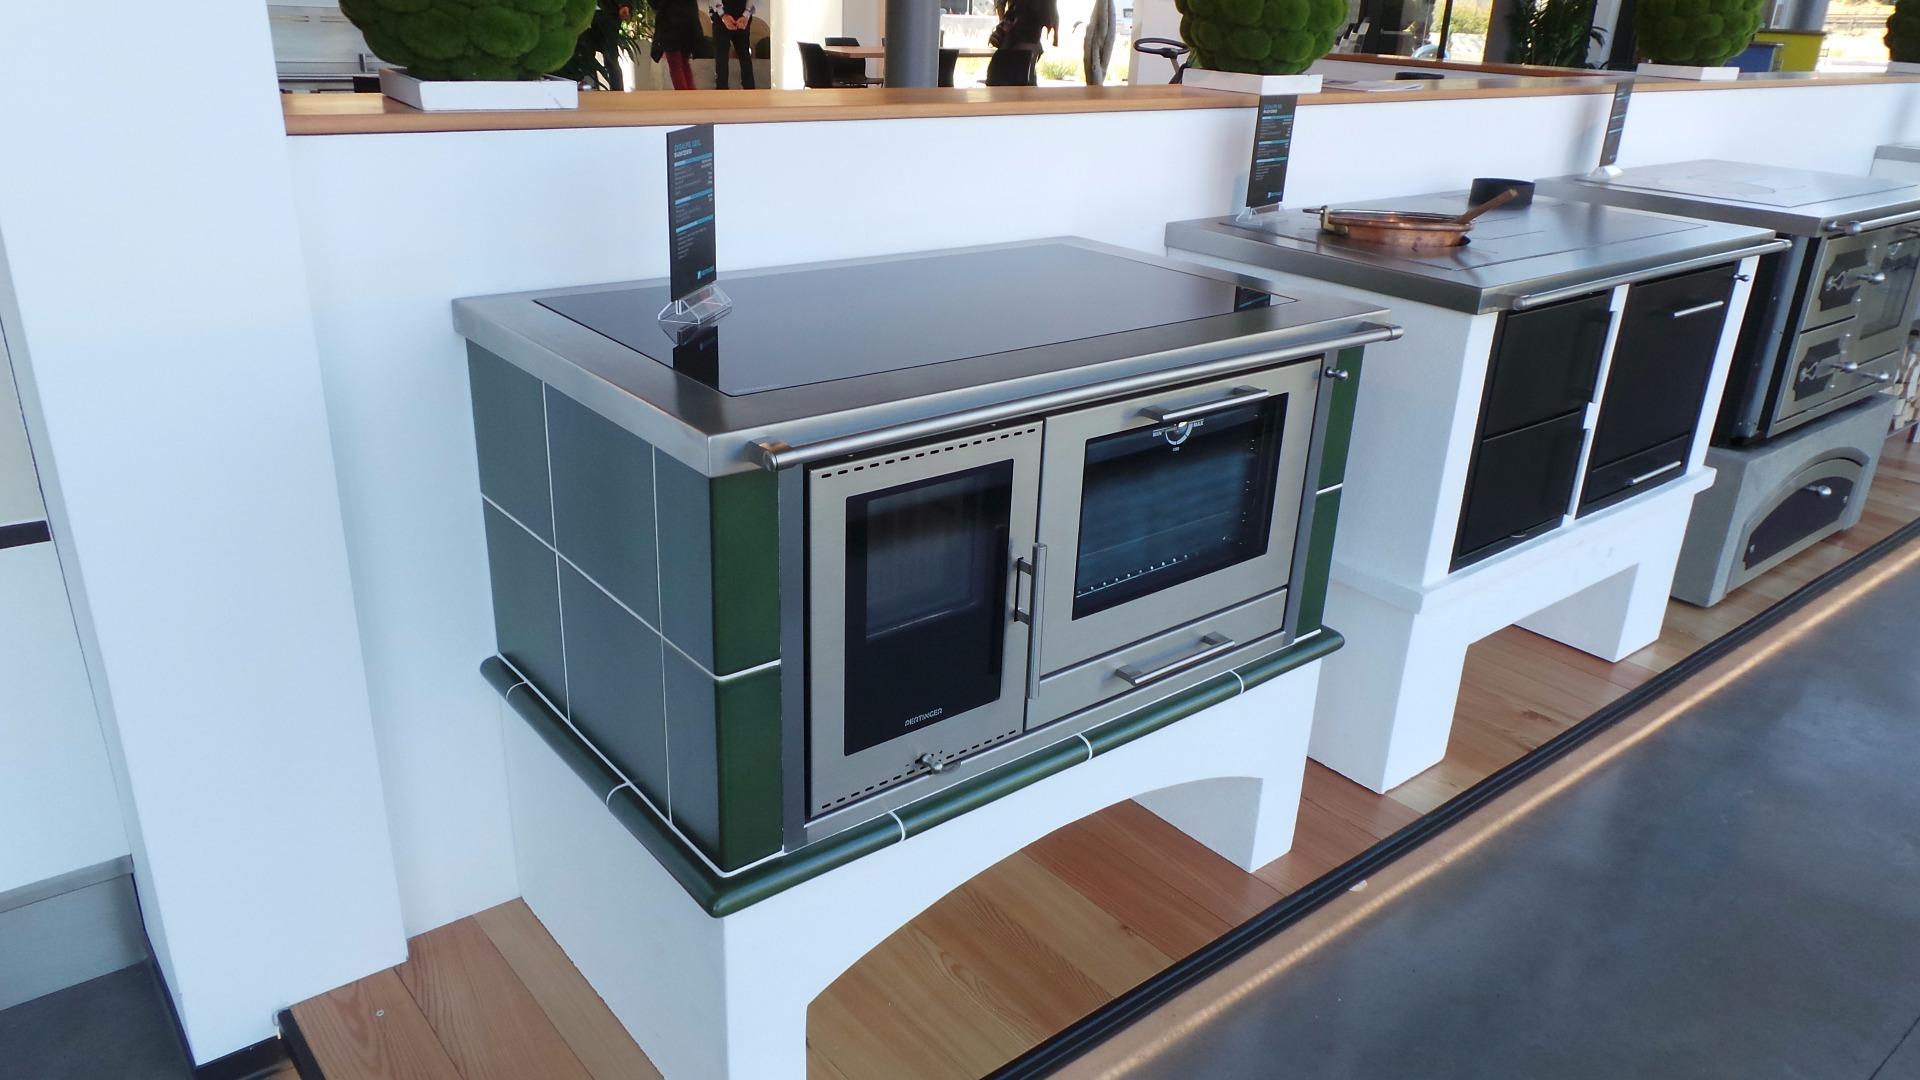 Beautiful Küchen Holzofen Wasserführend Photos - Home Design Ideas ...